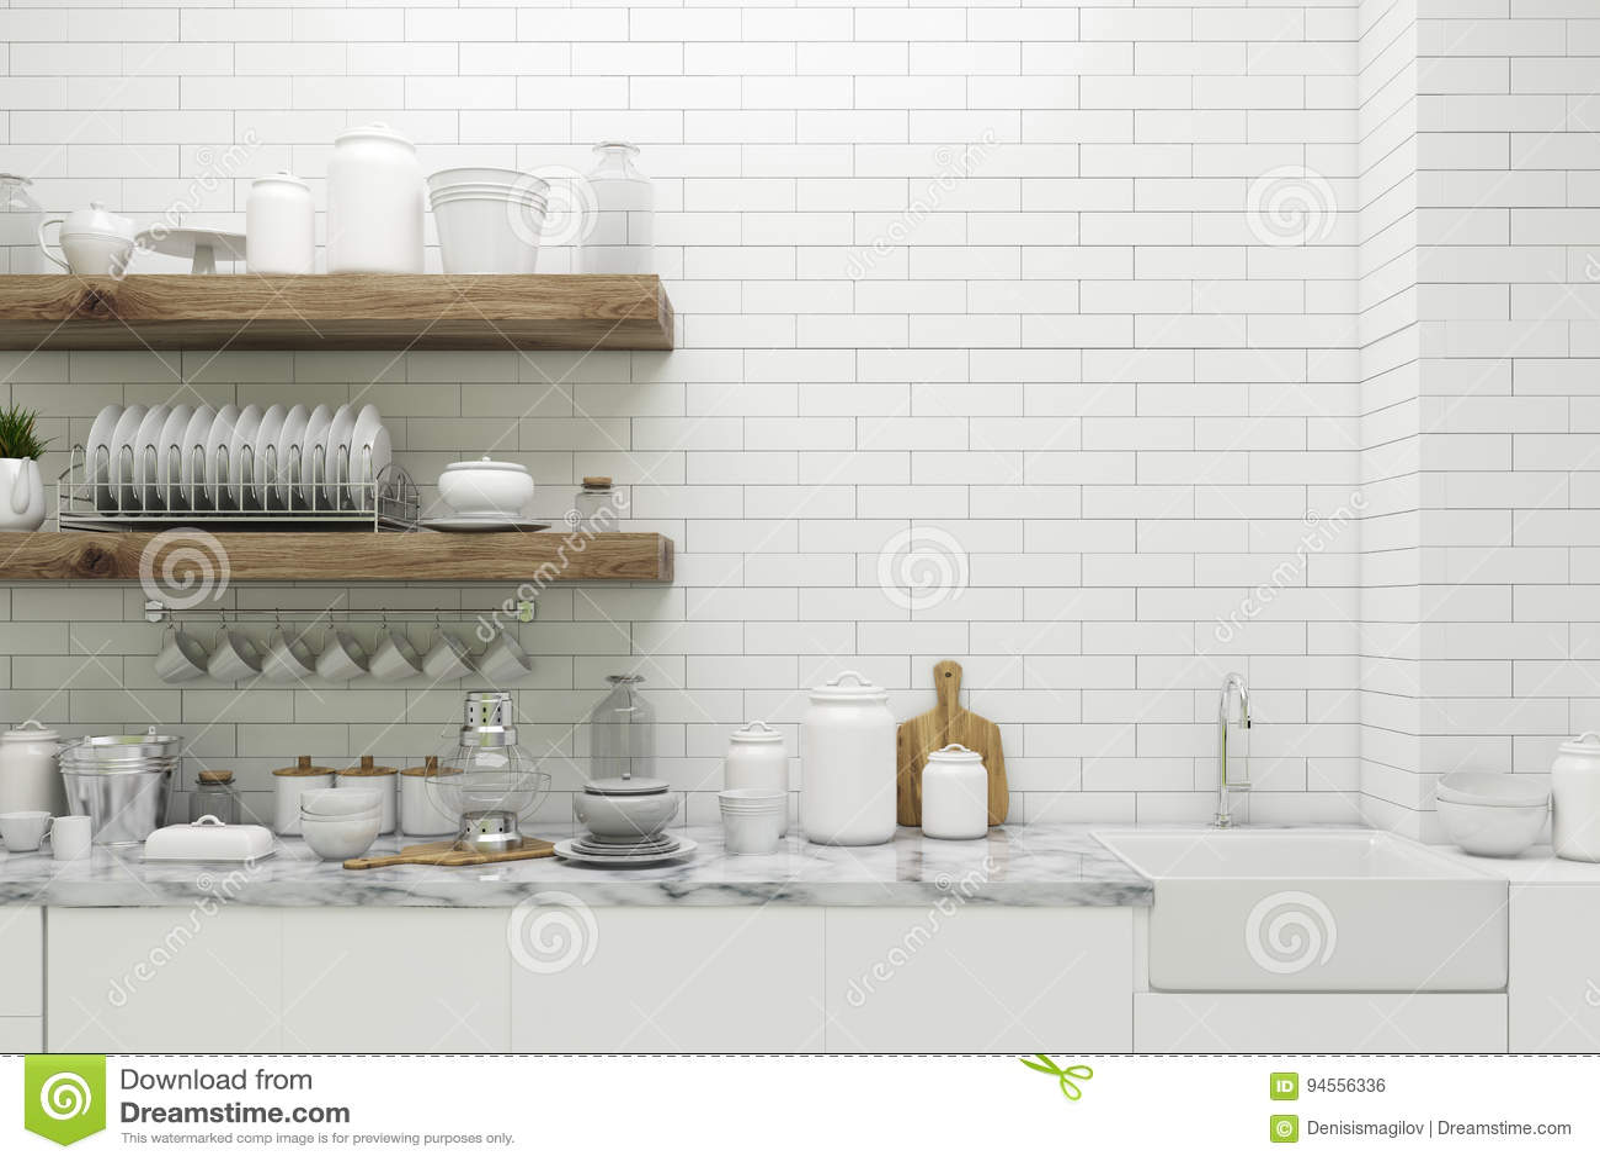 Cuisine Blanche De Brique Avec Des étagères Illustration Stock ...